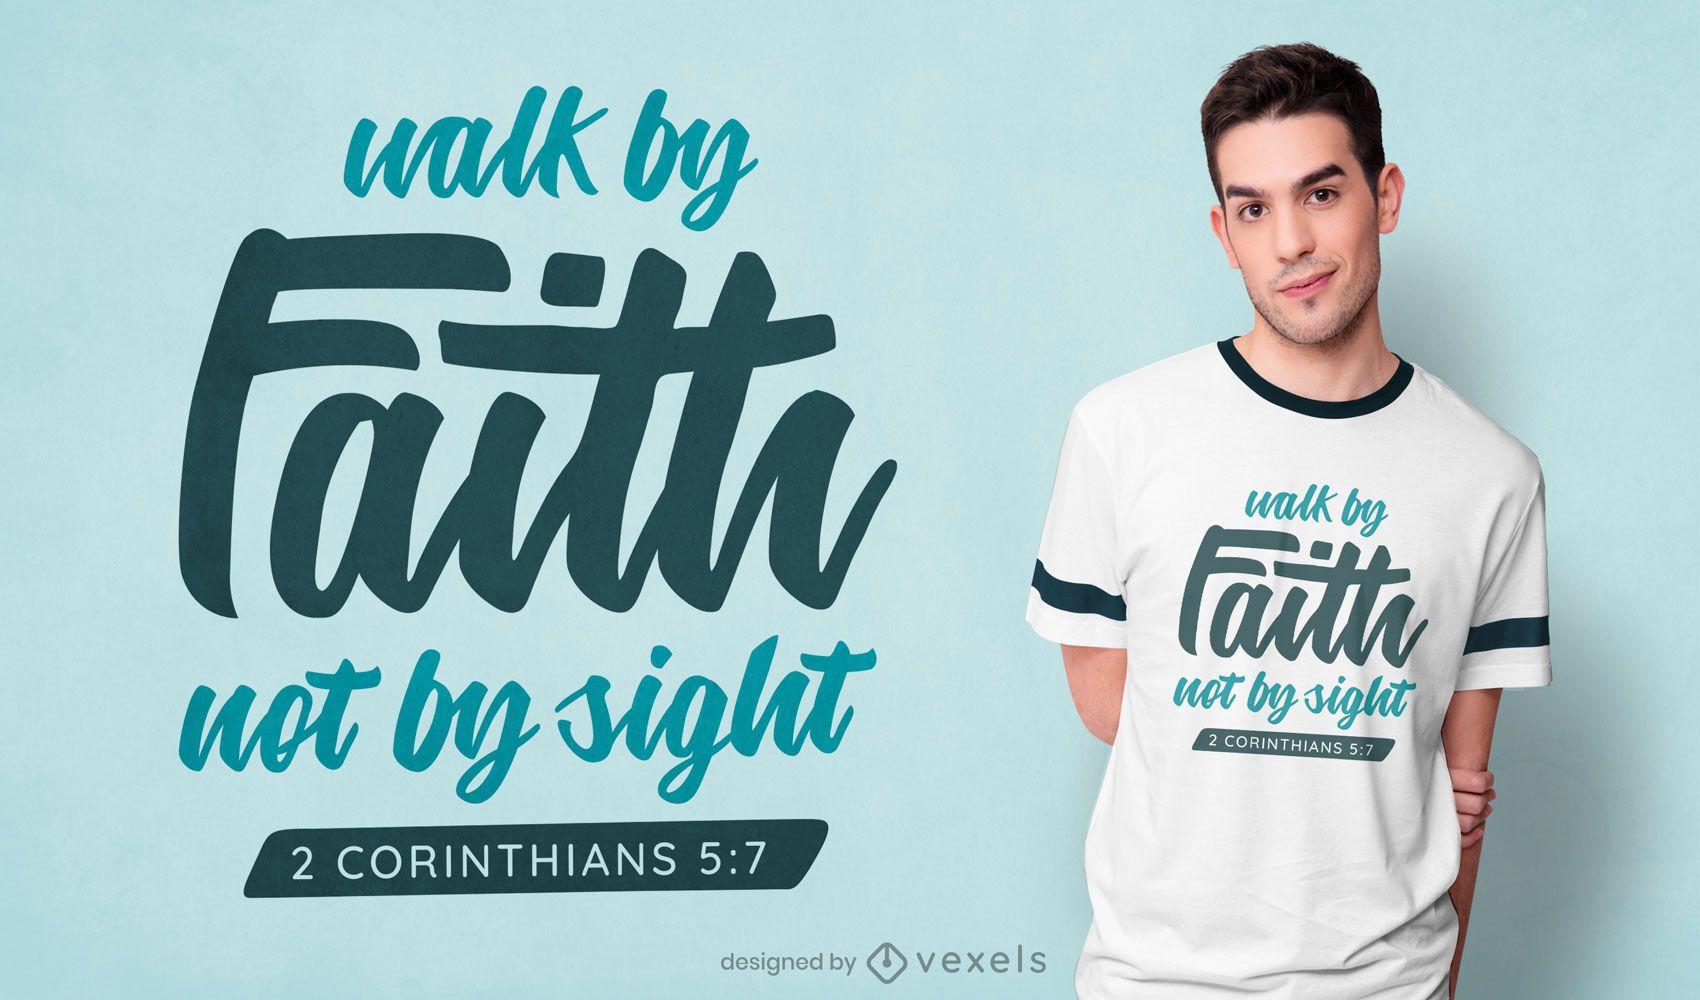 Walk by faith t-shirt design